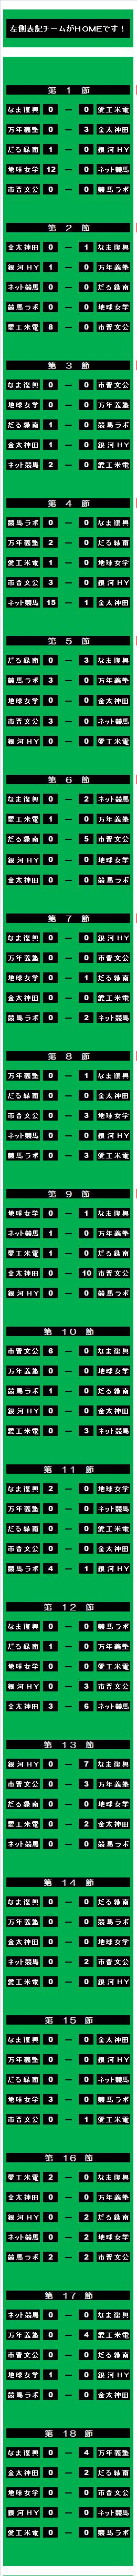 20140607・ダルマンリーグ第18節終了対戦相手組み合わせ表.jpg